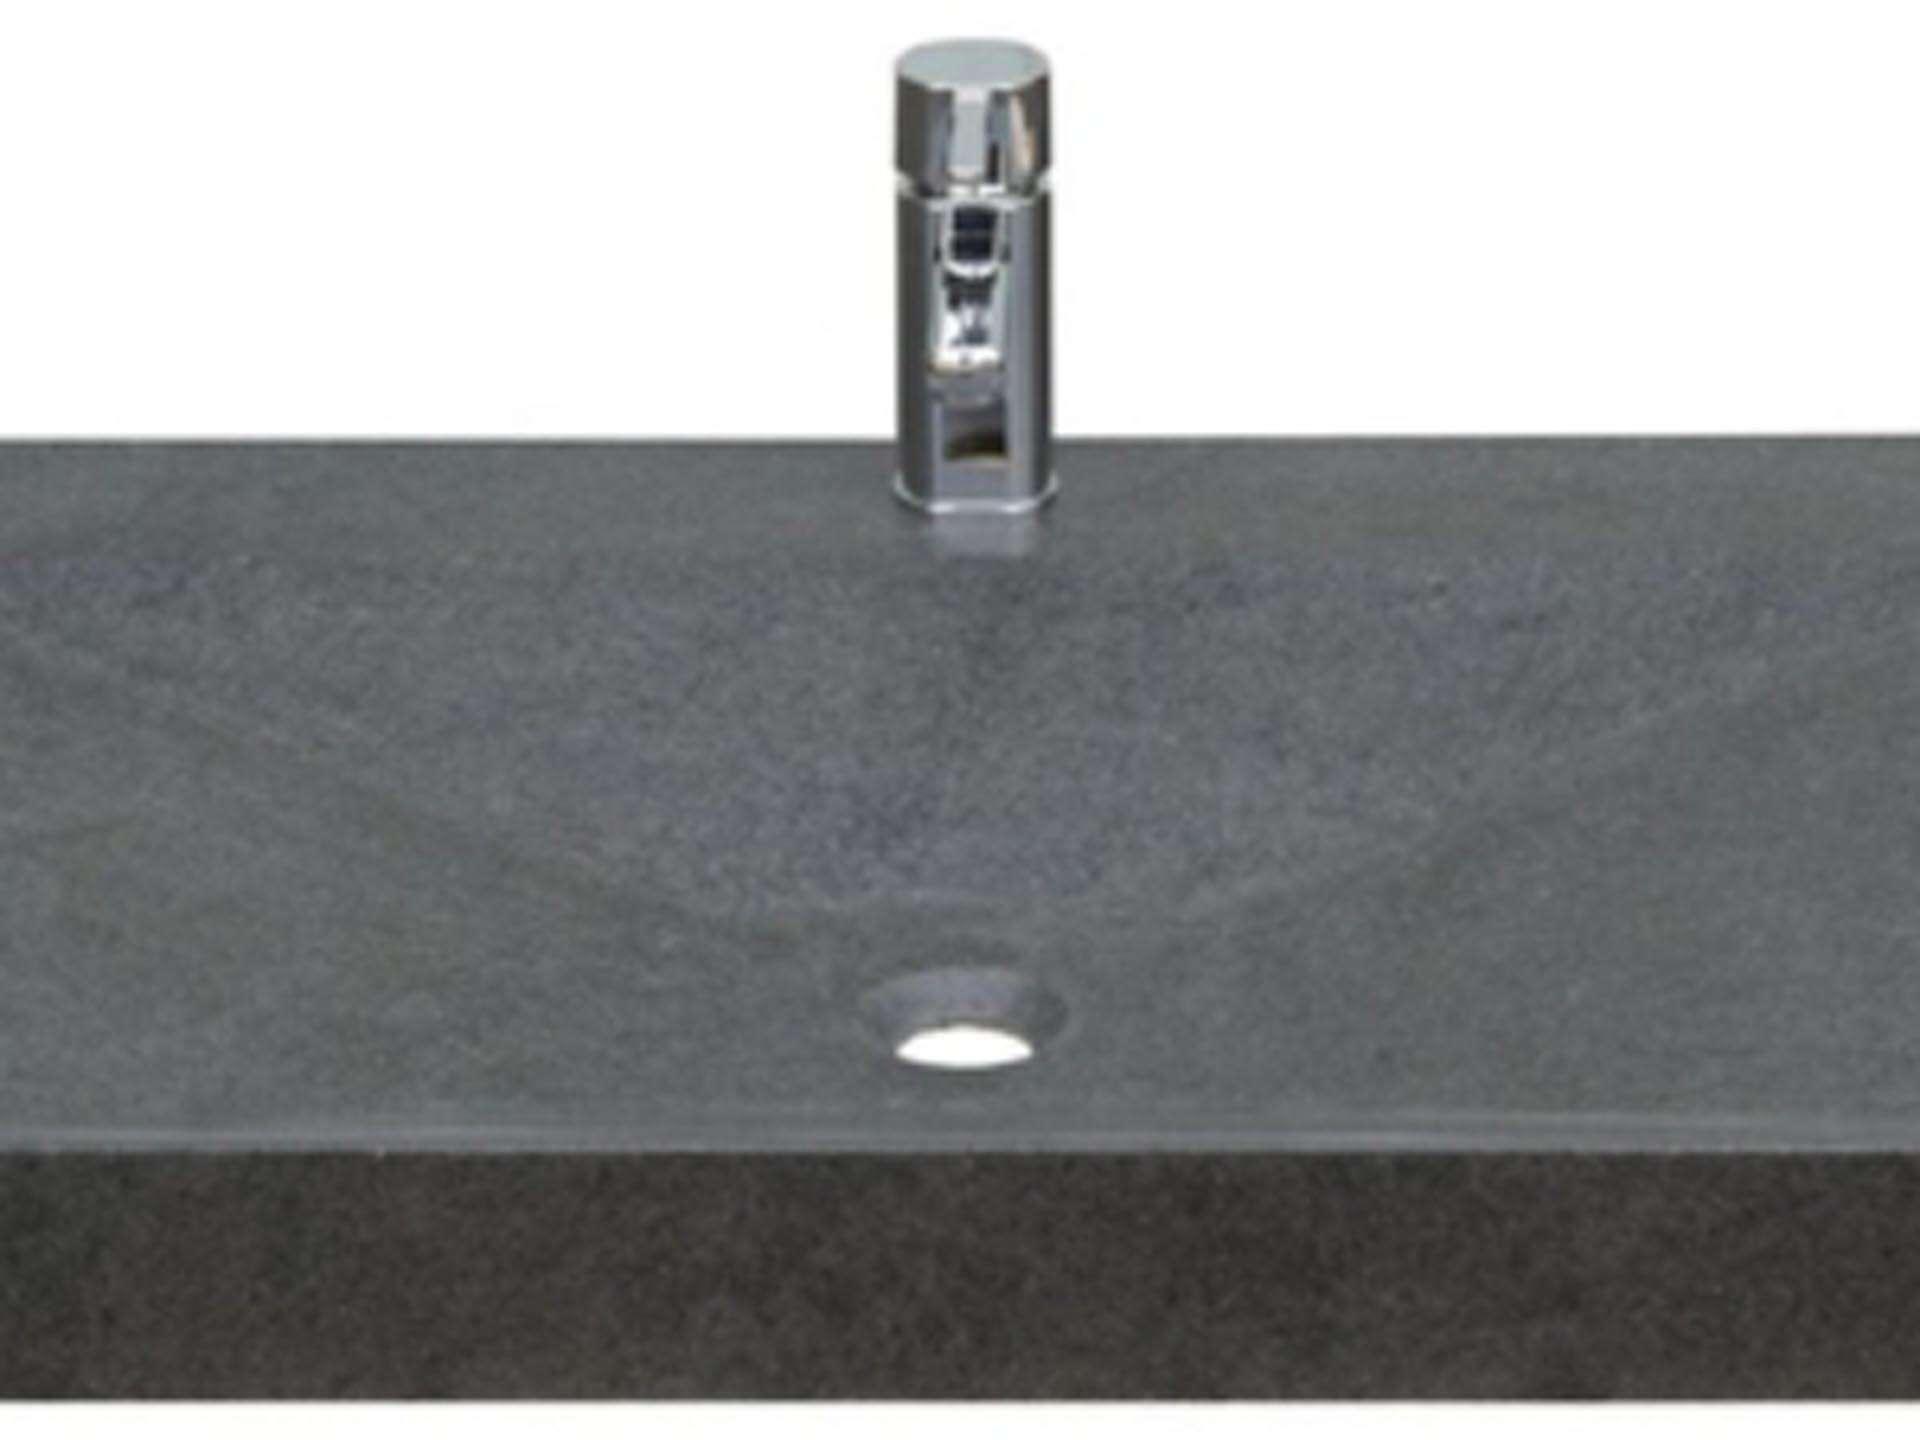 Eksklusiv designhåndvask fremstillet i massiv granit. Den sorte granit har en mat finish. En ægte stenvask i målene: 123,2 x 54,5 x 9,5 cm. Vasken er bearbejdet ud af et helt stykke granit - vi fræser ganske enkelt en håndvask ud af sten. Alle de afsluttende små detaljer er håndlavet. Med denne vask vil man få et stykke natur hjem i badeværelset. Det er kvalitet, som holder mange år ud i tiden. Vasken kan bruges som fritstående vask - da vasken er flad i bunden er den velegnet til at placere direkte på en bordplade. Vasken er hensynsmæssigt designet med fine rundinger, som både giver vasken et eksklusivt udtryk og gør den rengøringsvenlig. Vasken vedligeholdes med voks - vi anbefaler en behandling med vores egen naturvoks ID12002 et par gange om året for at opnå optimalt look.